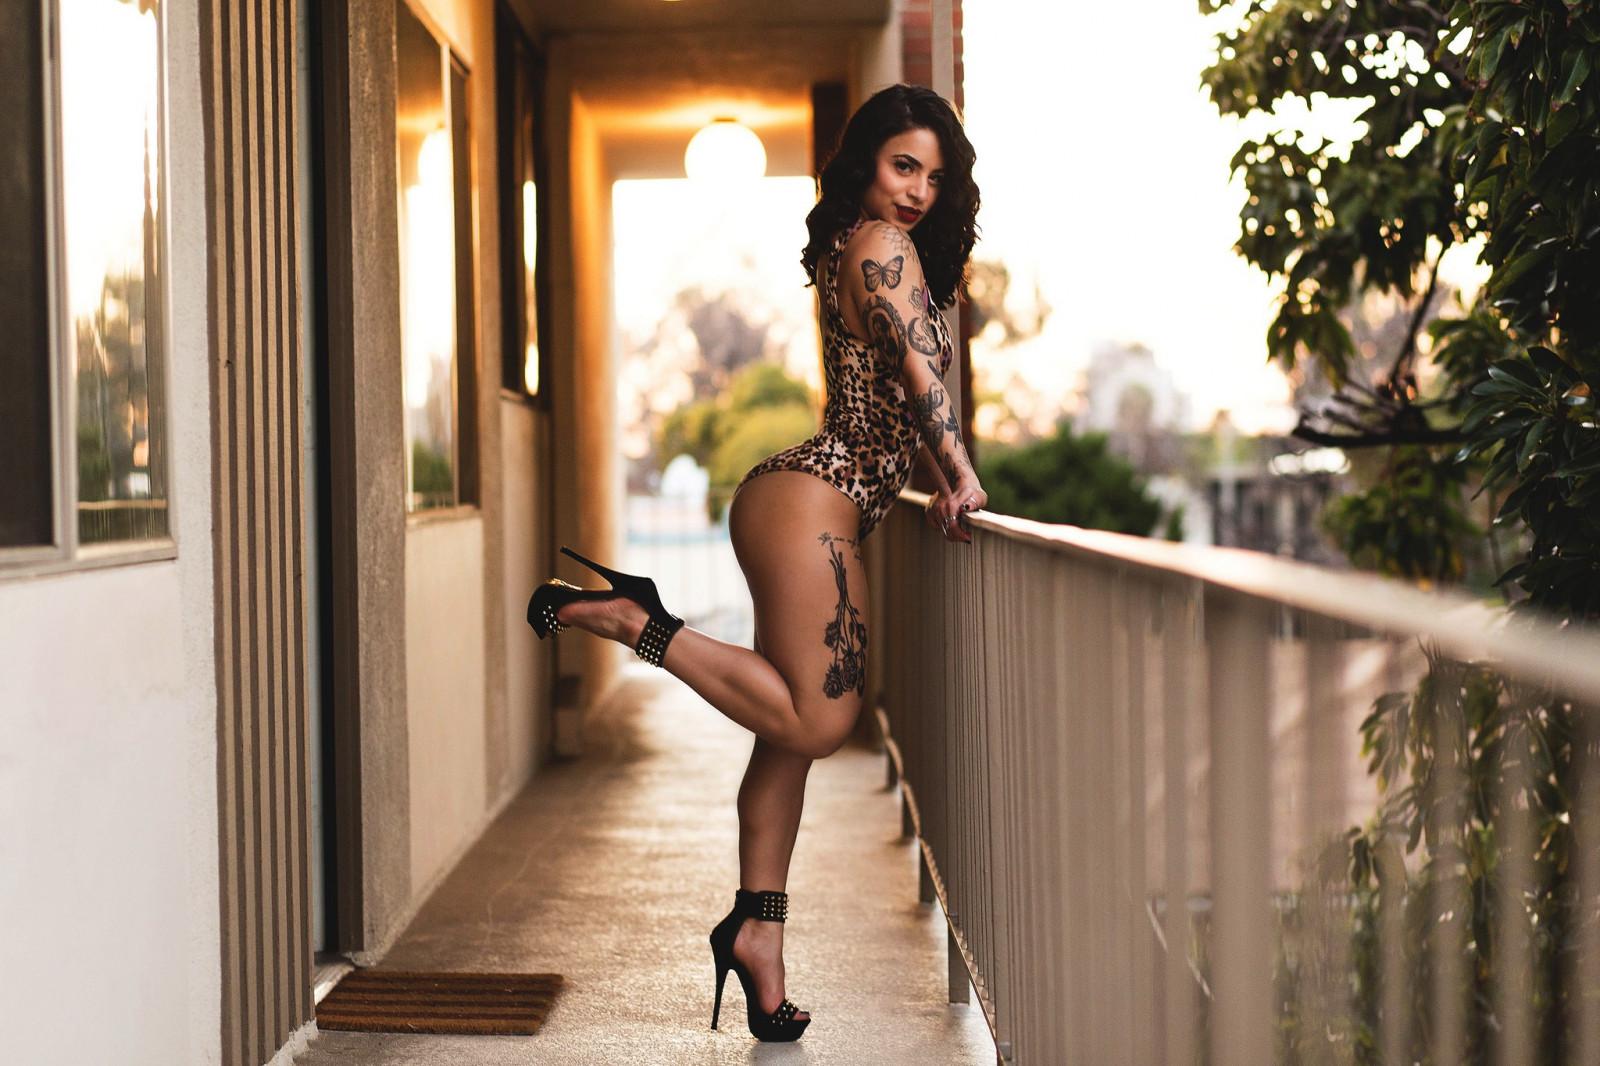 Фото девушек с сексуальной фигурой на высоких каблуках — pic 8